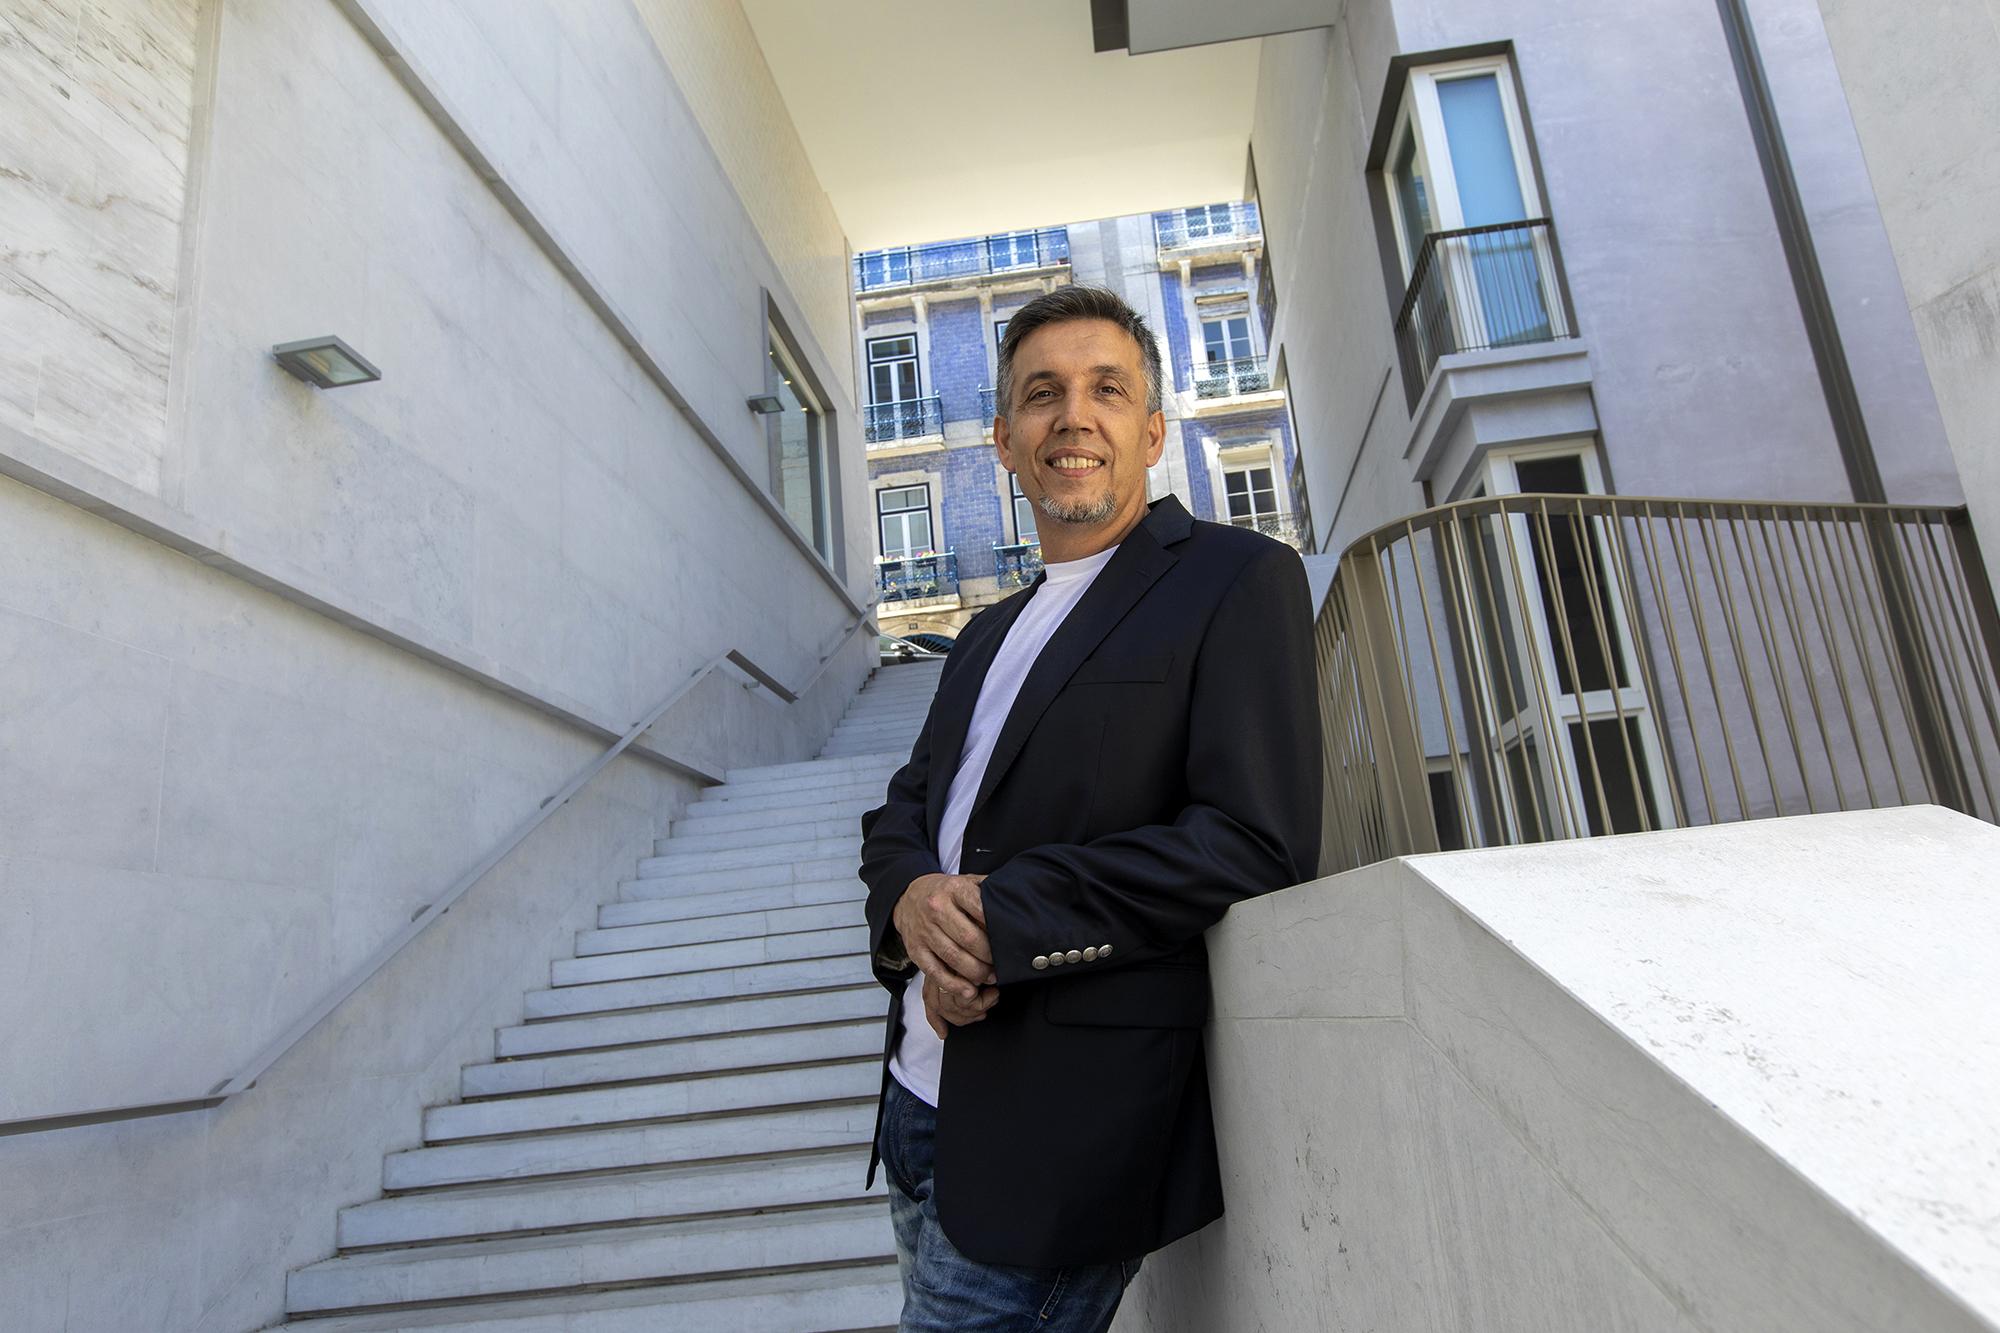 João Miranda, antigo chairman da Frulact, em entrevista ao ECO/Pessoas - 28JUN21